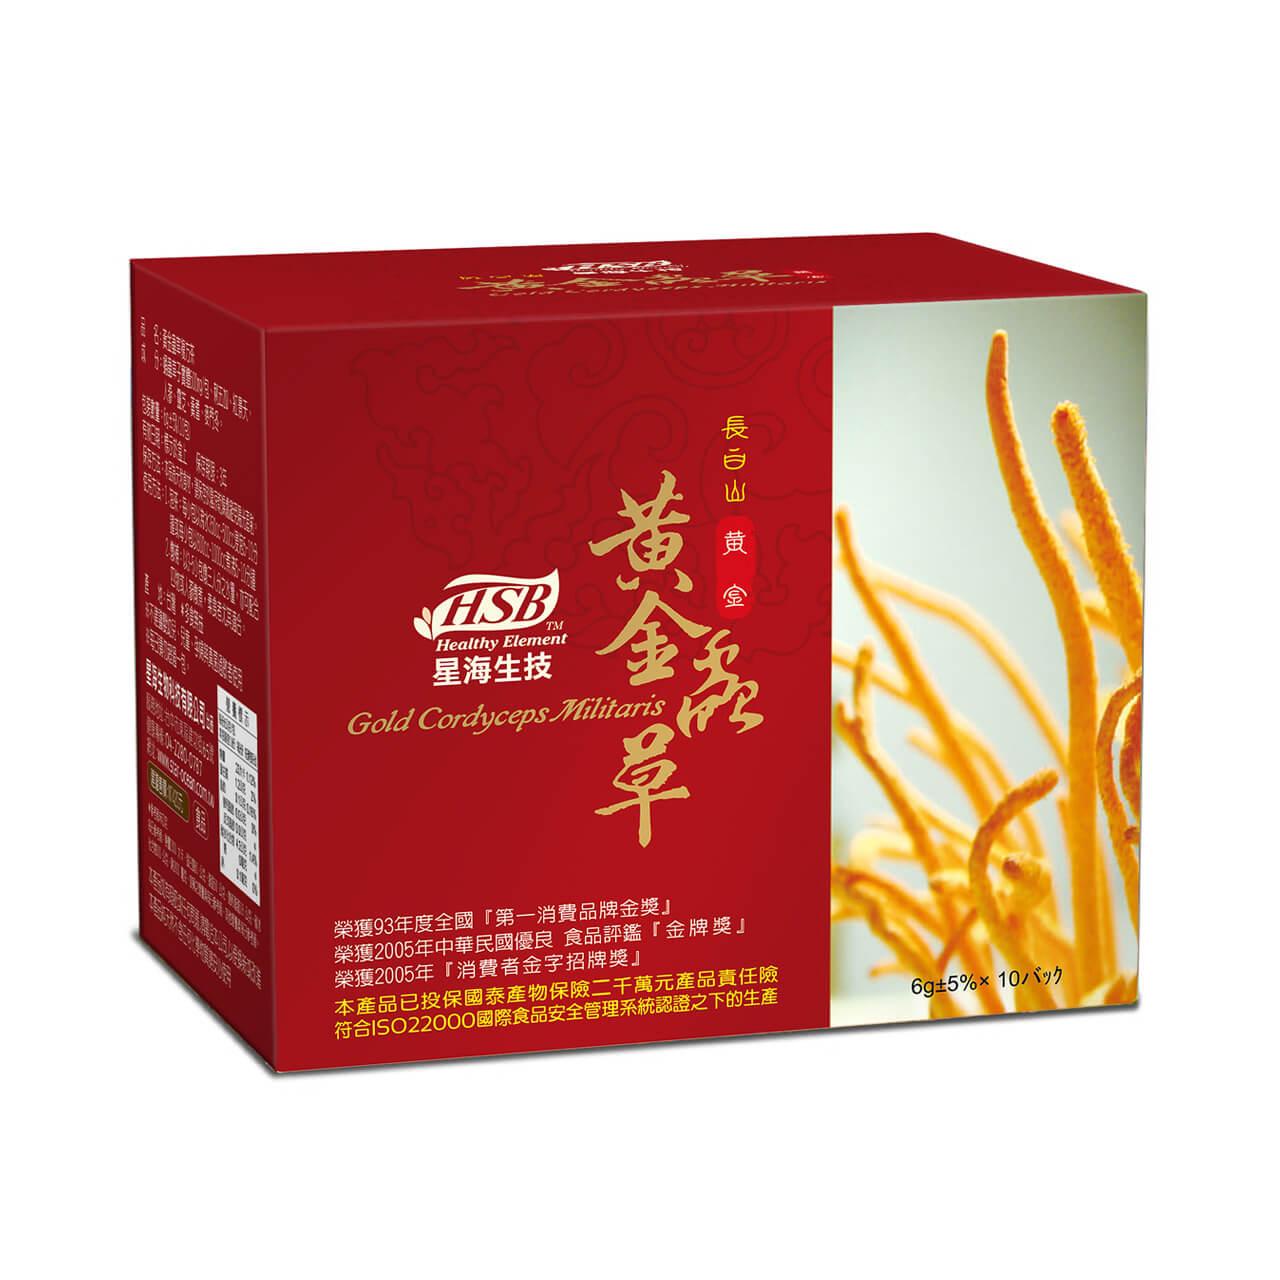 黄金虫草复方茶/10入